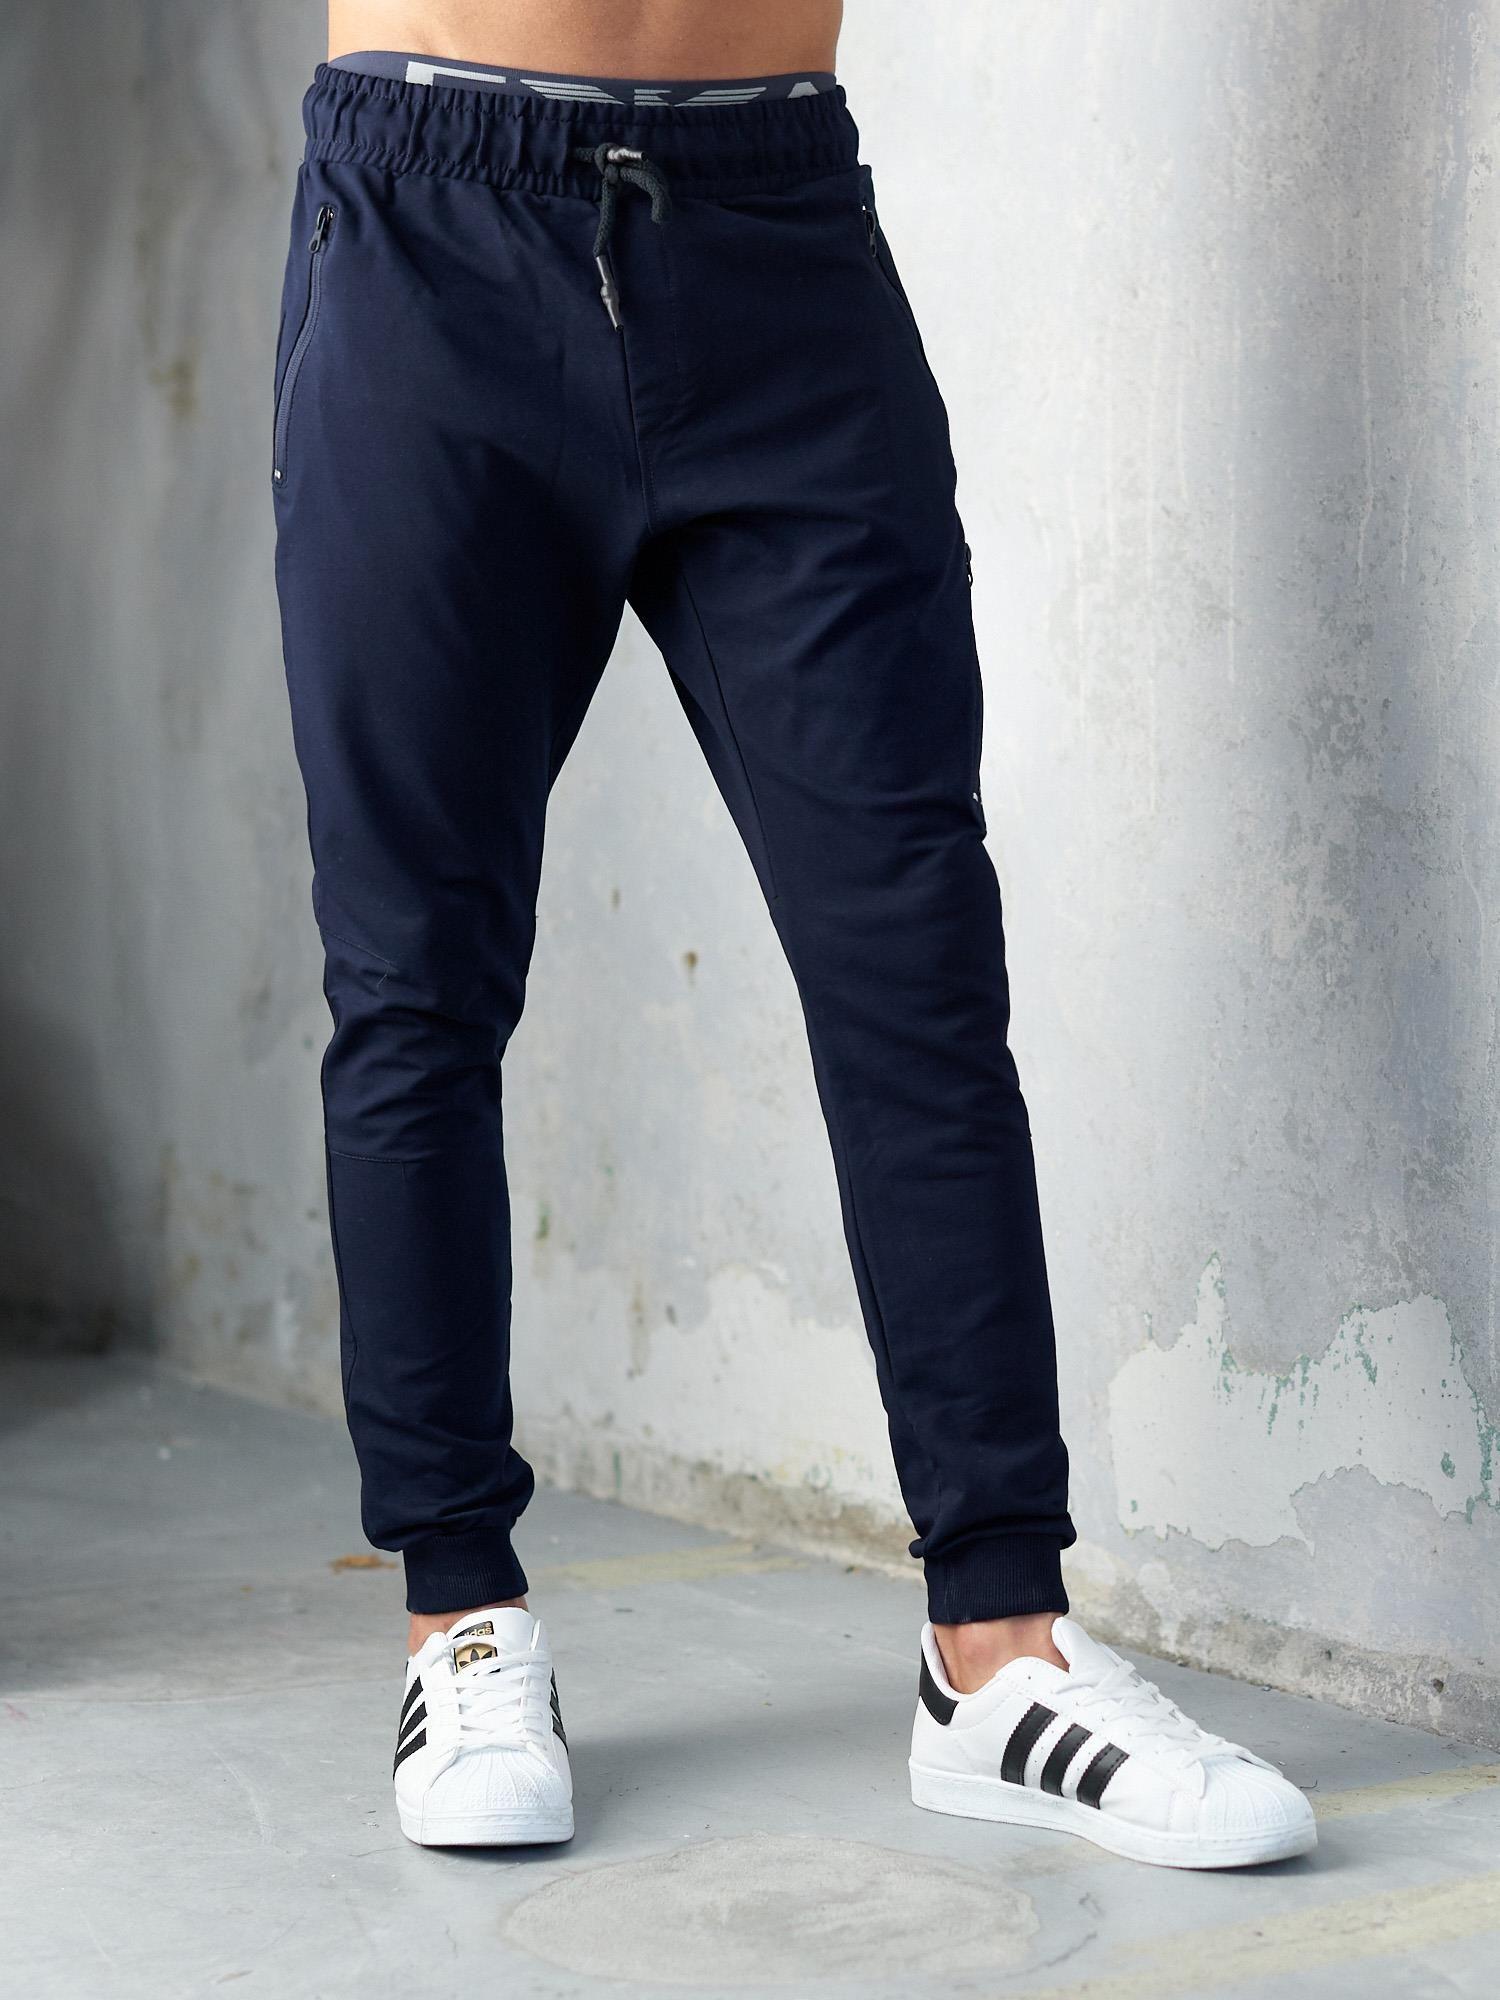 najnowszy nowe style ceny odprawy Granatowe spodnie dresowe męskie slim fit